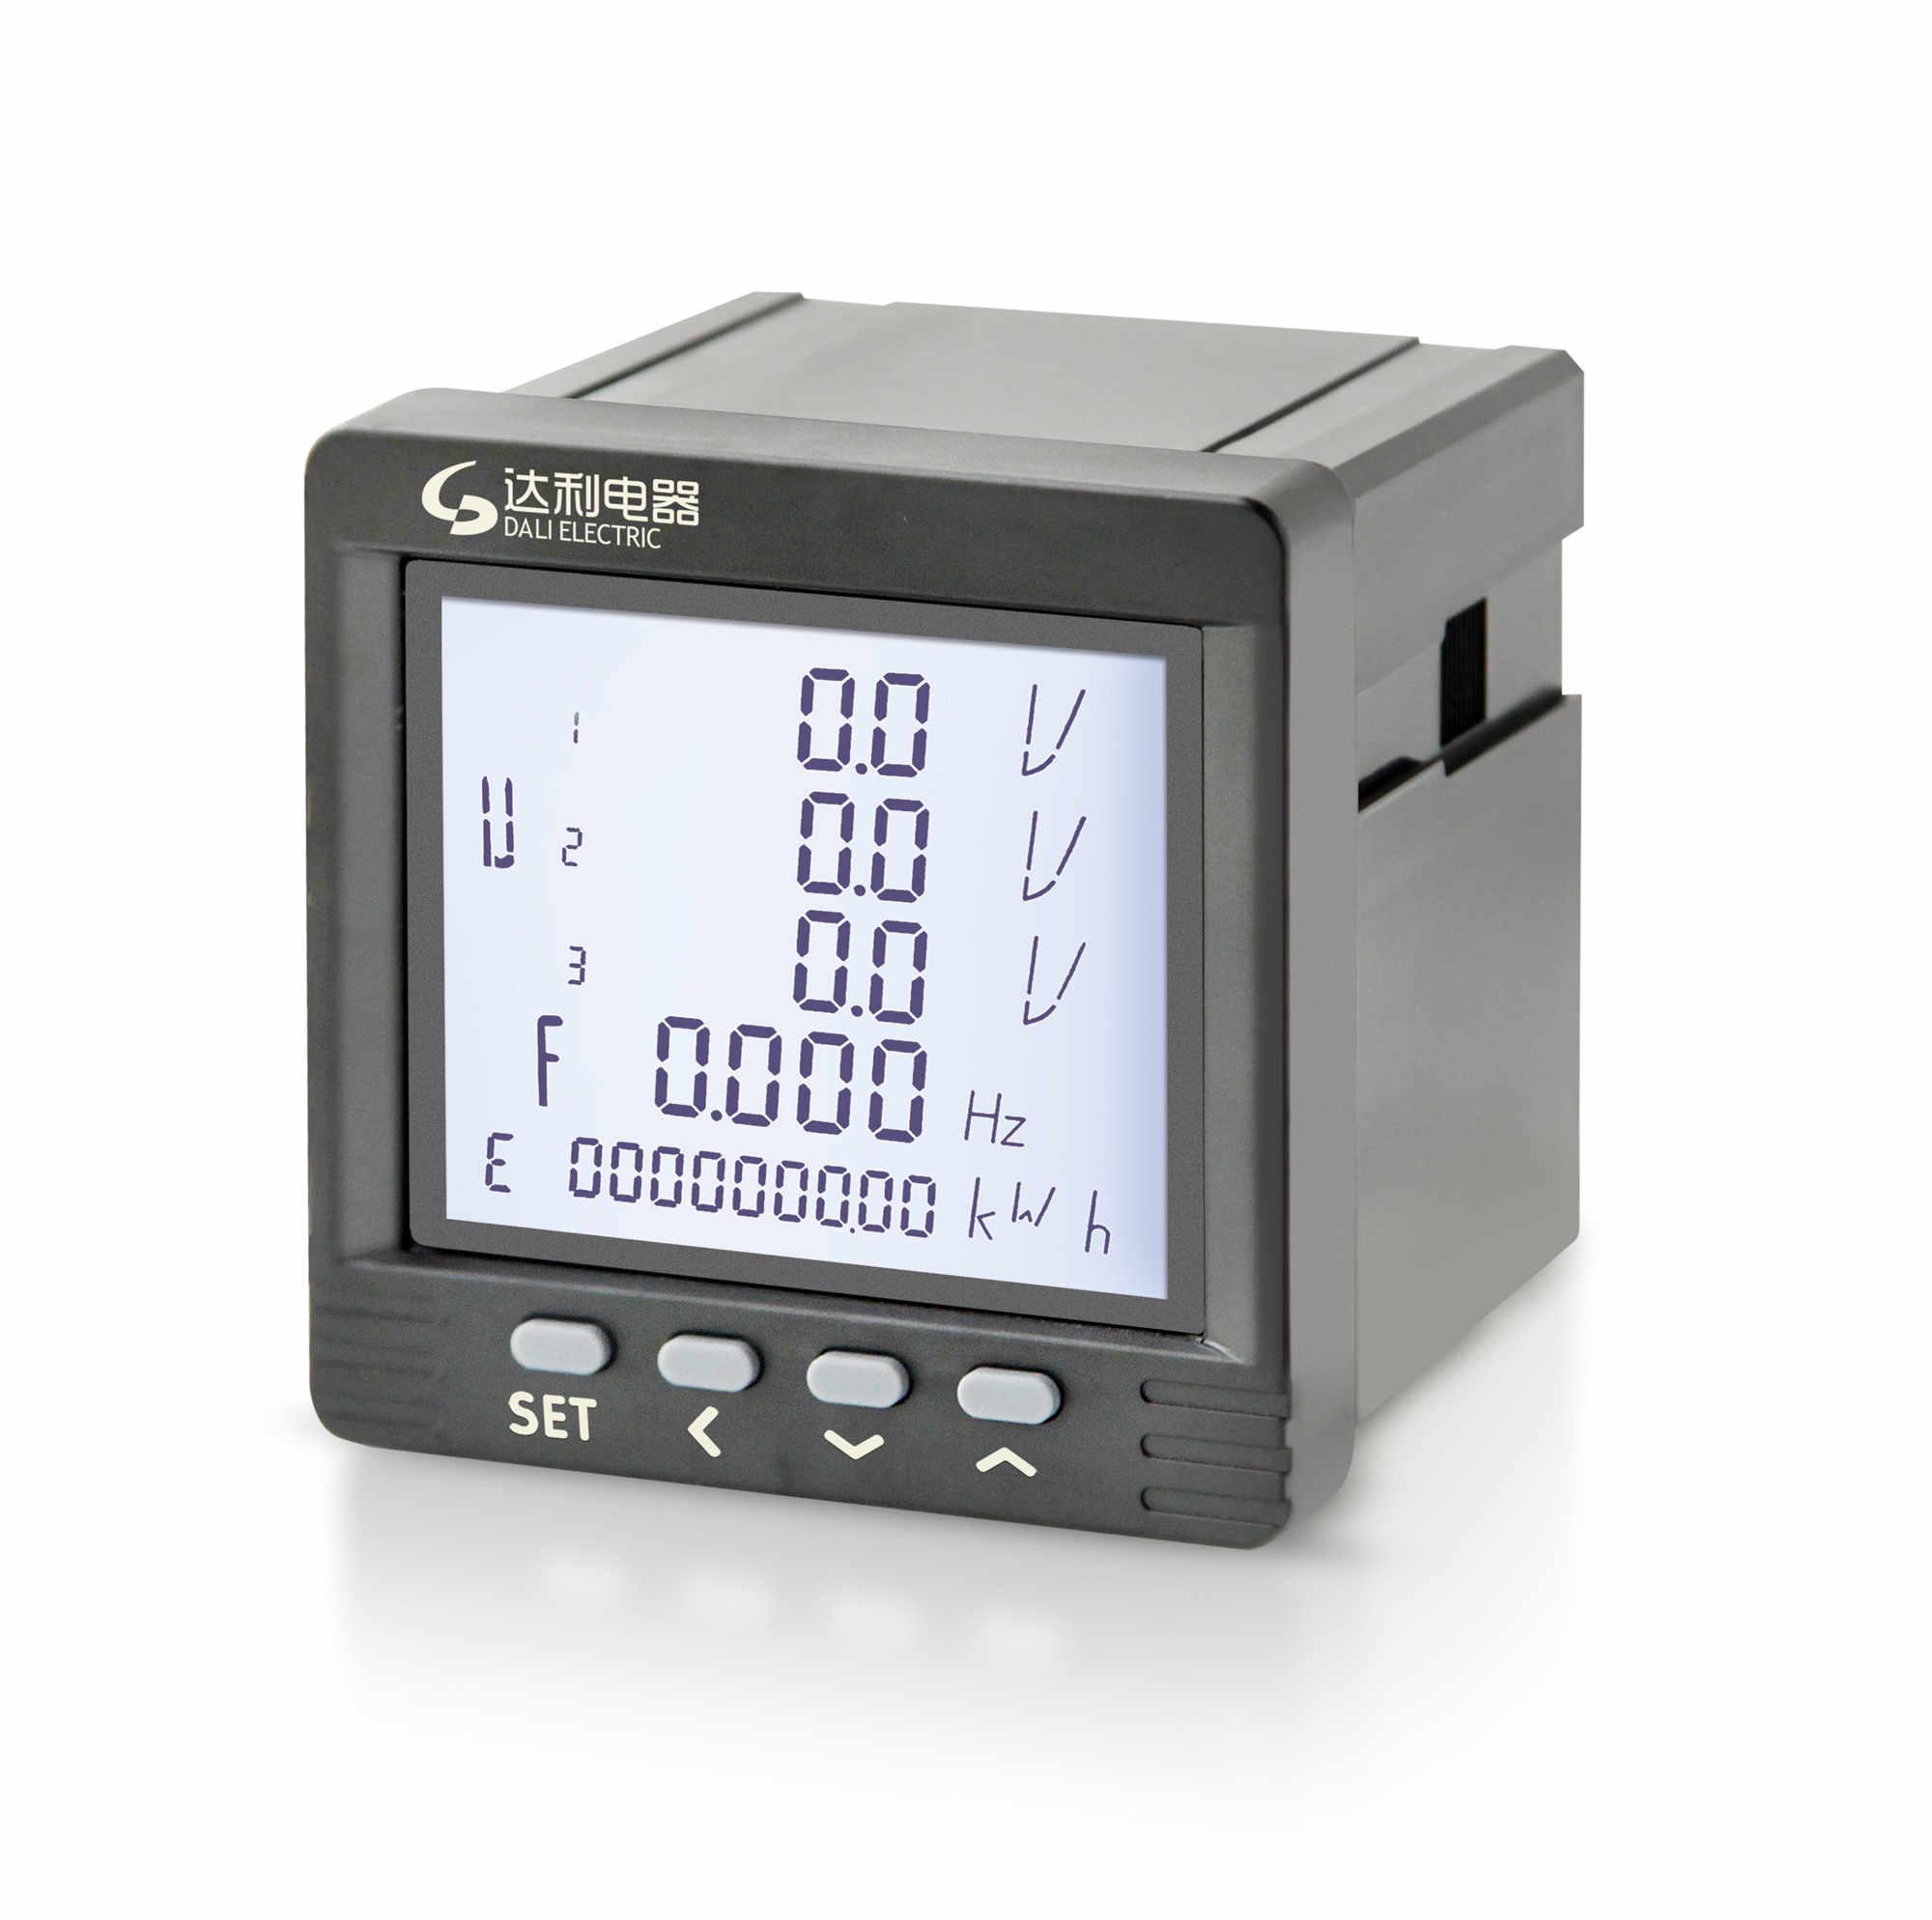 铁锋AMDG-20/D302 电动机保护器品牌